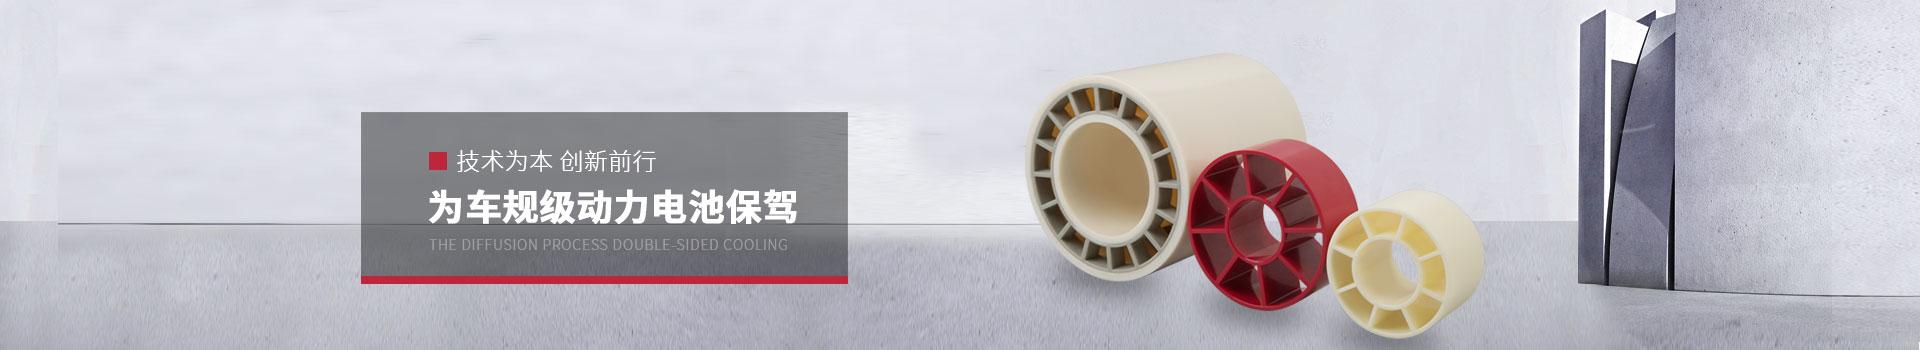 天裕塑胶技术为本,创新前行,为车规级动力电池保驾